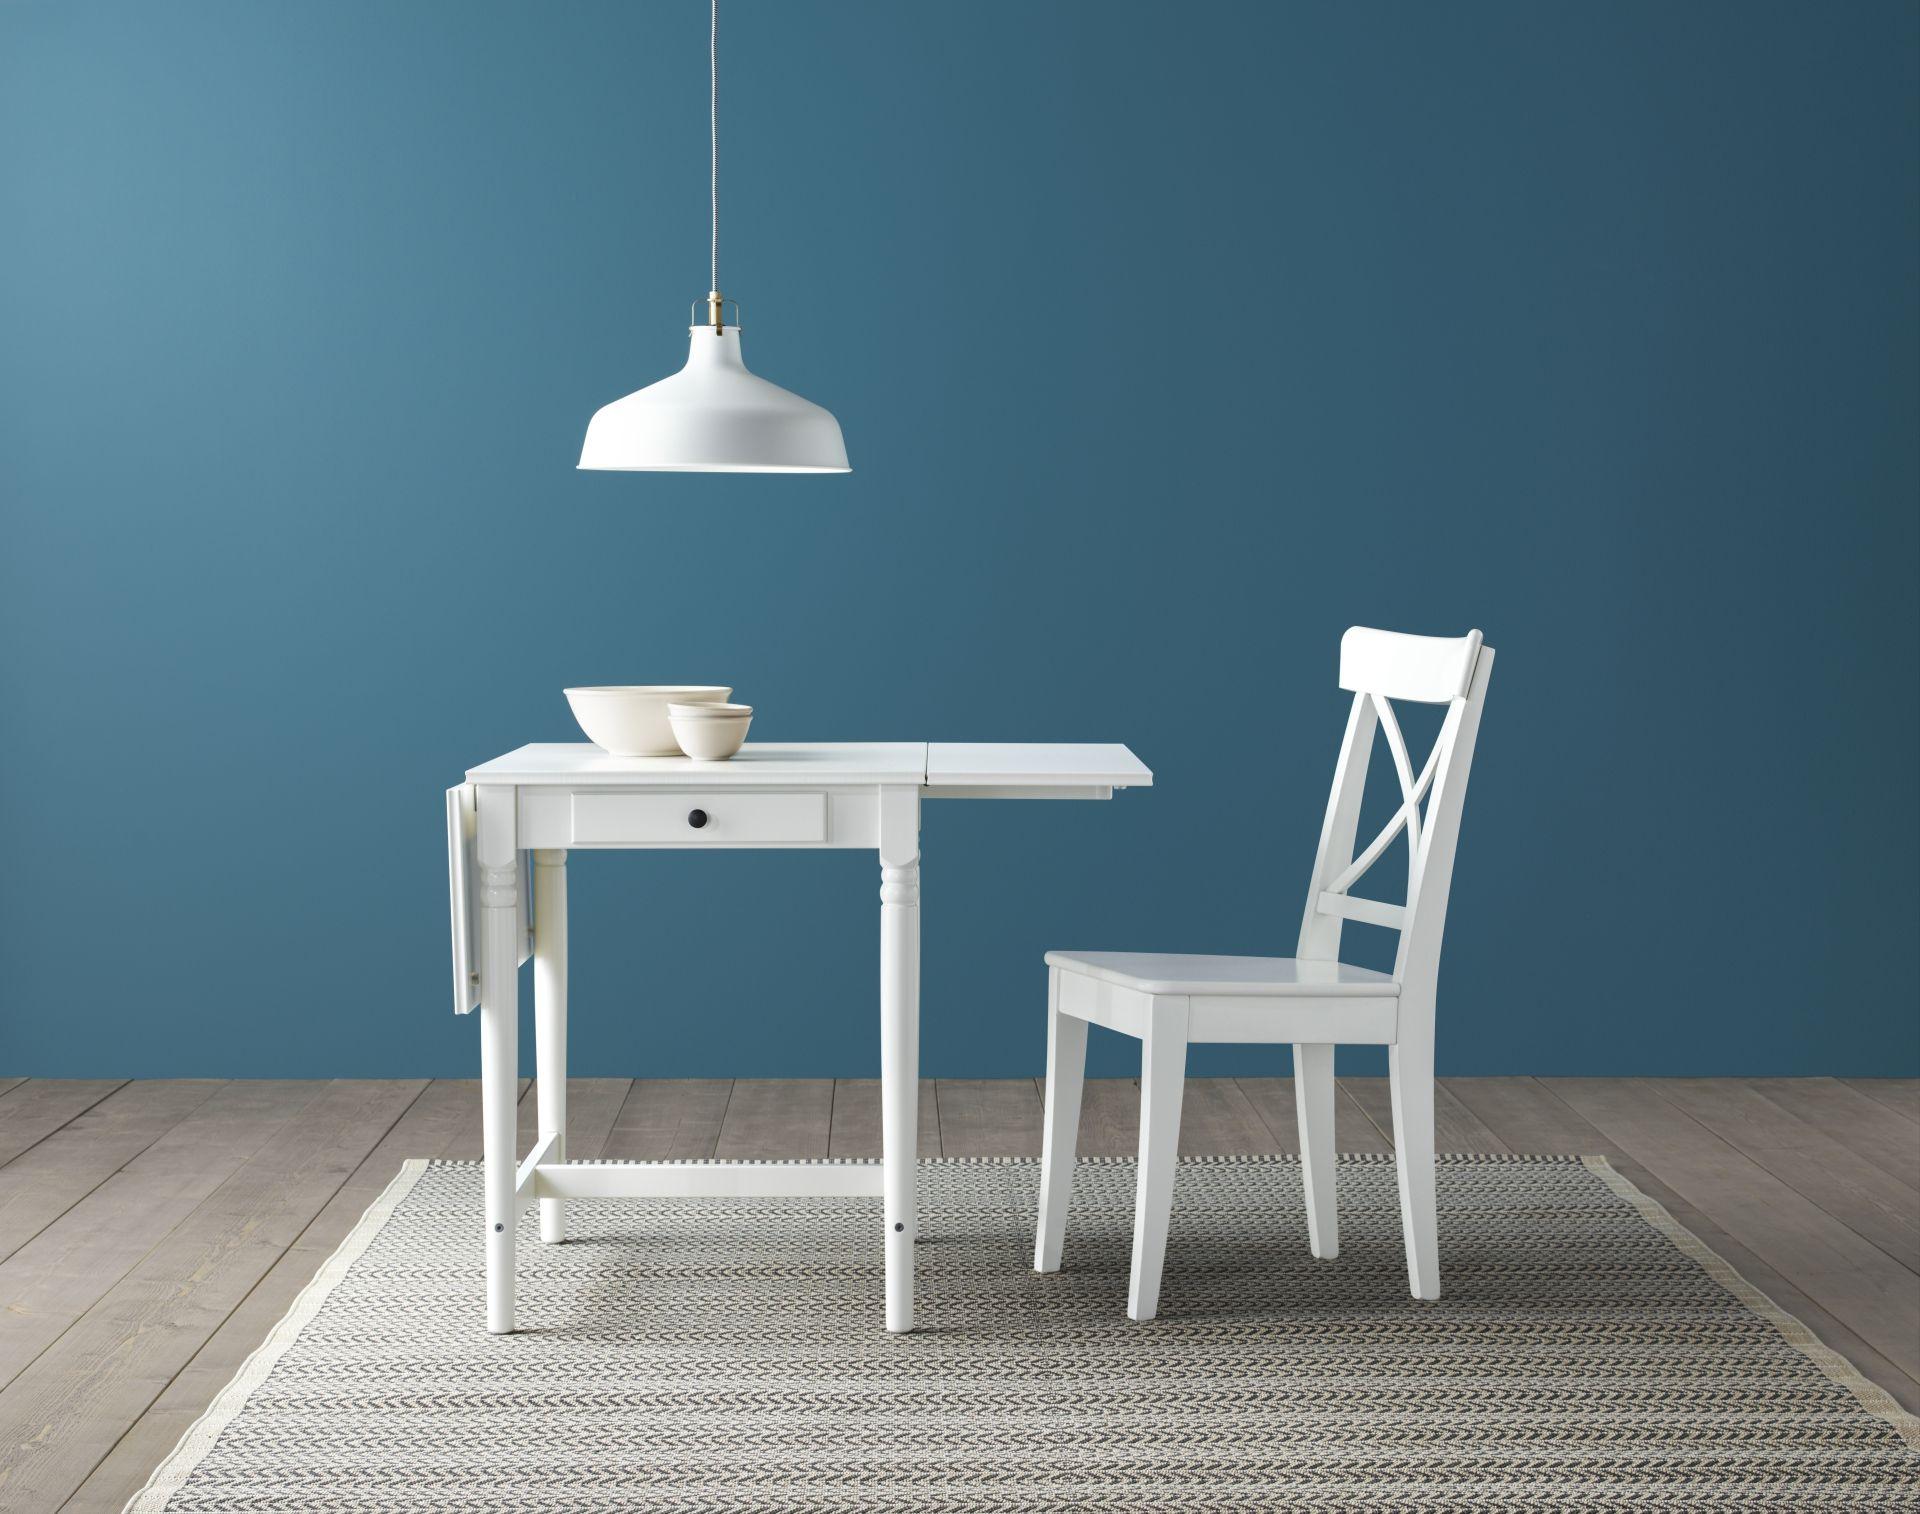 Ikea Witte Stoel : Ikea stoel wit amazing tafel steigerhout ikea schragen witte